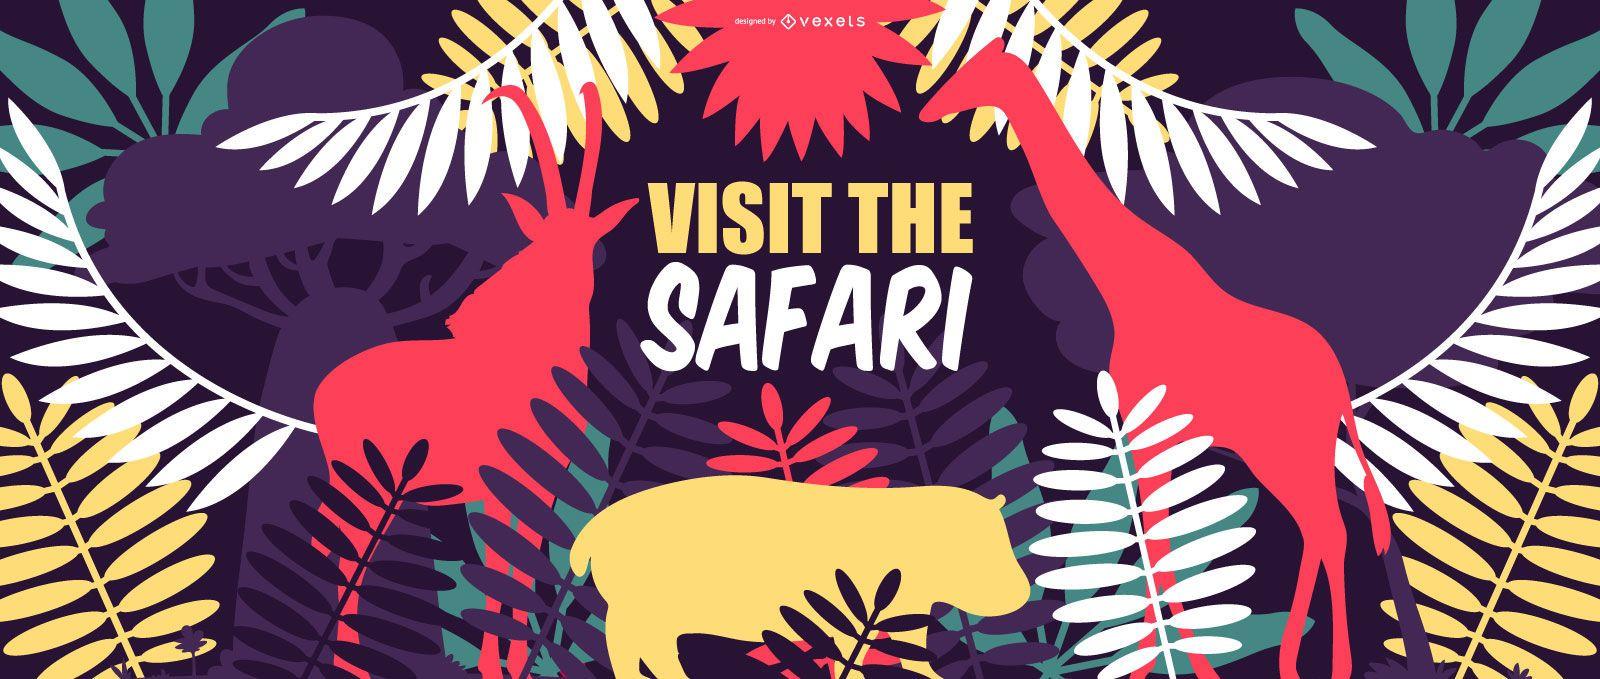 Safari Trip Nature Banner Design